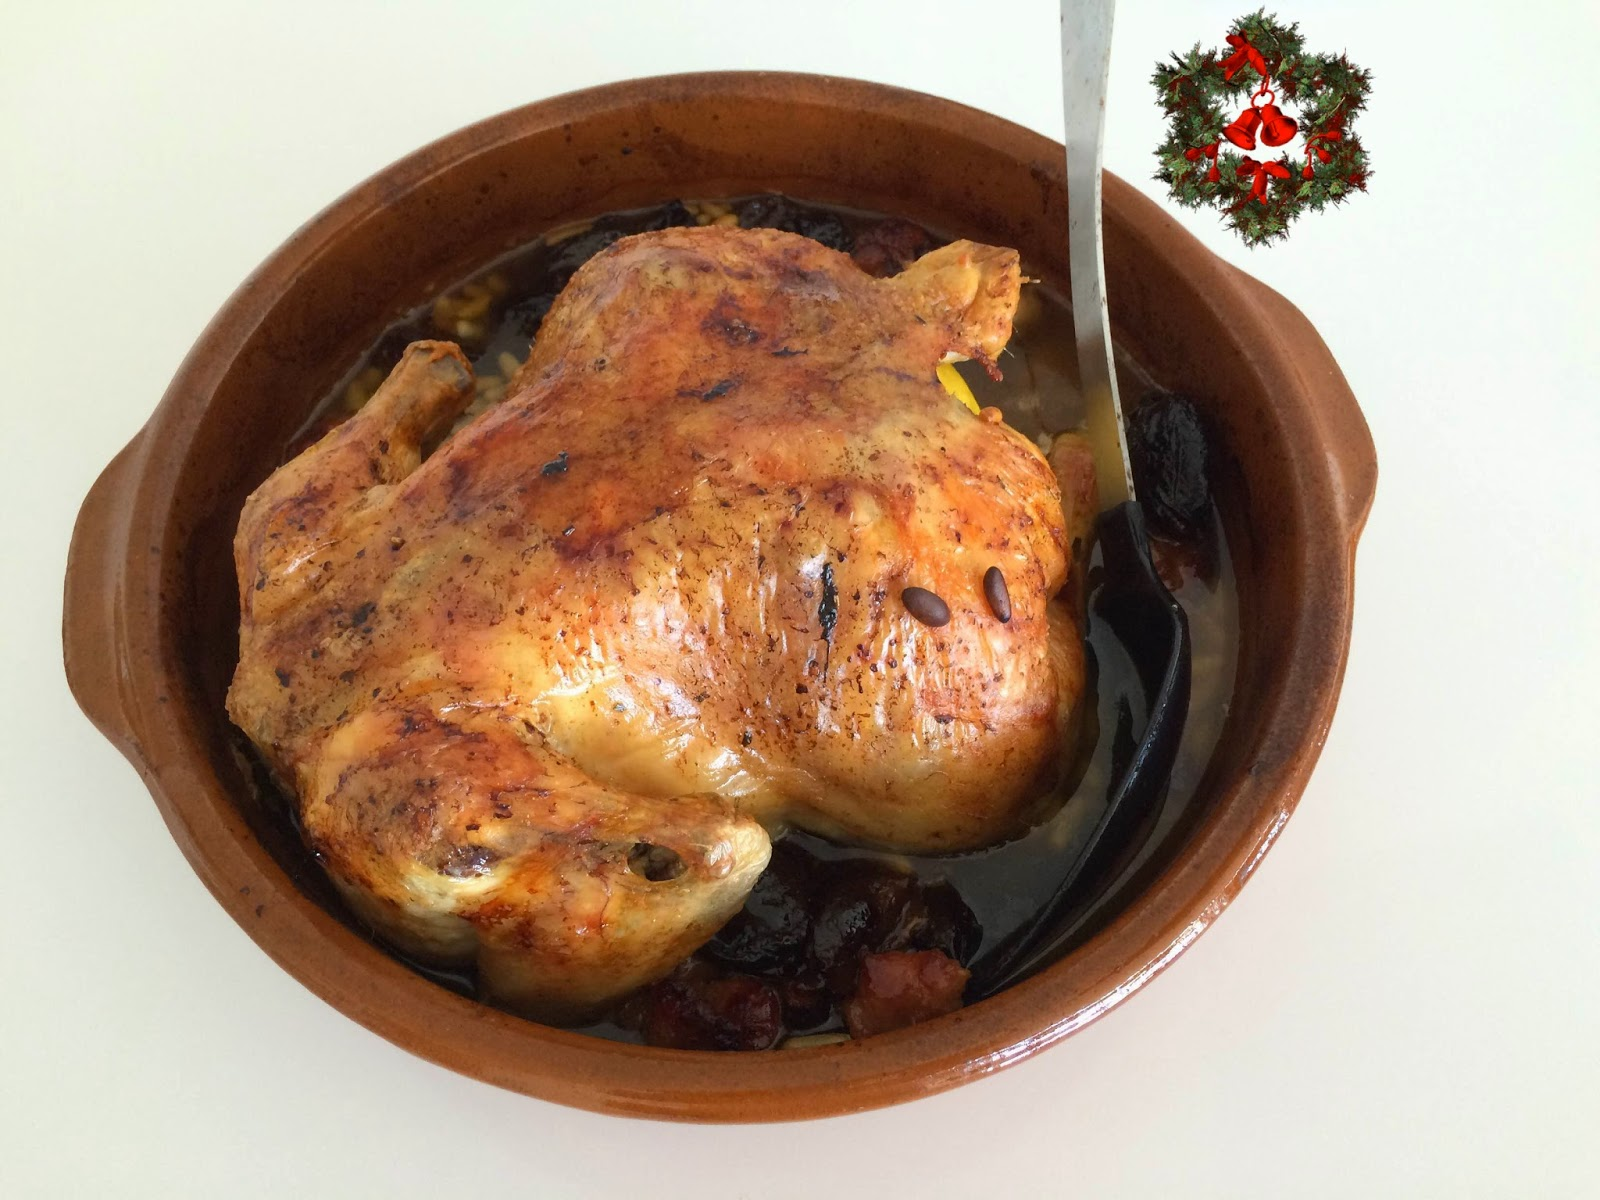 Receta de pollo relleno para Navidad